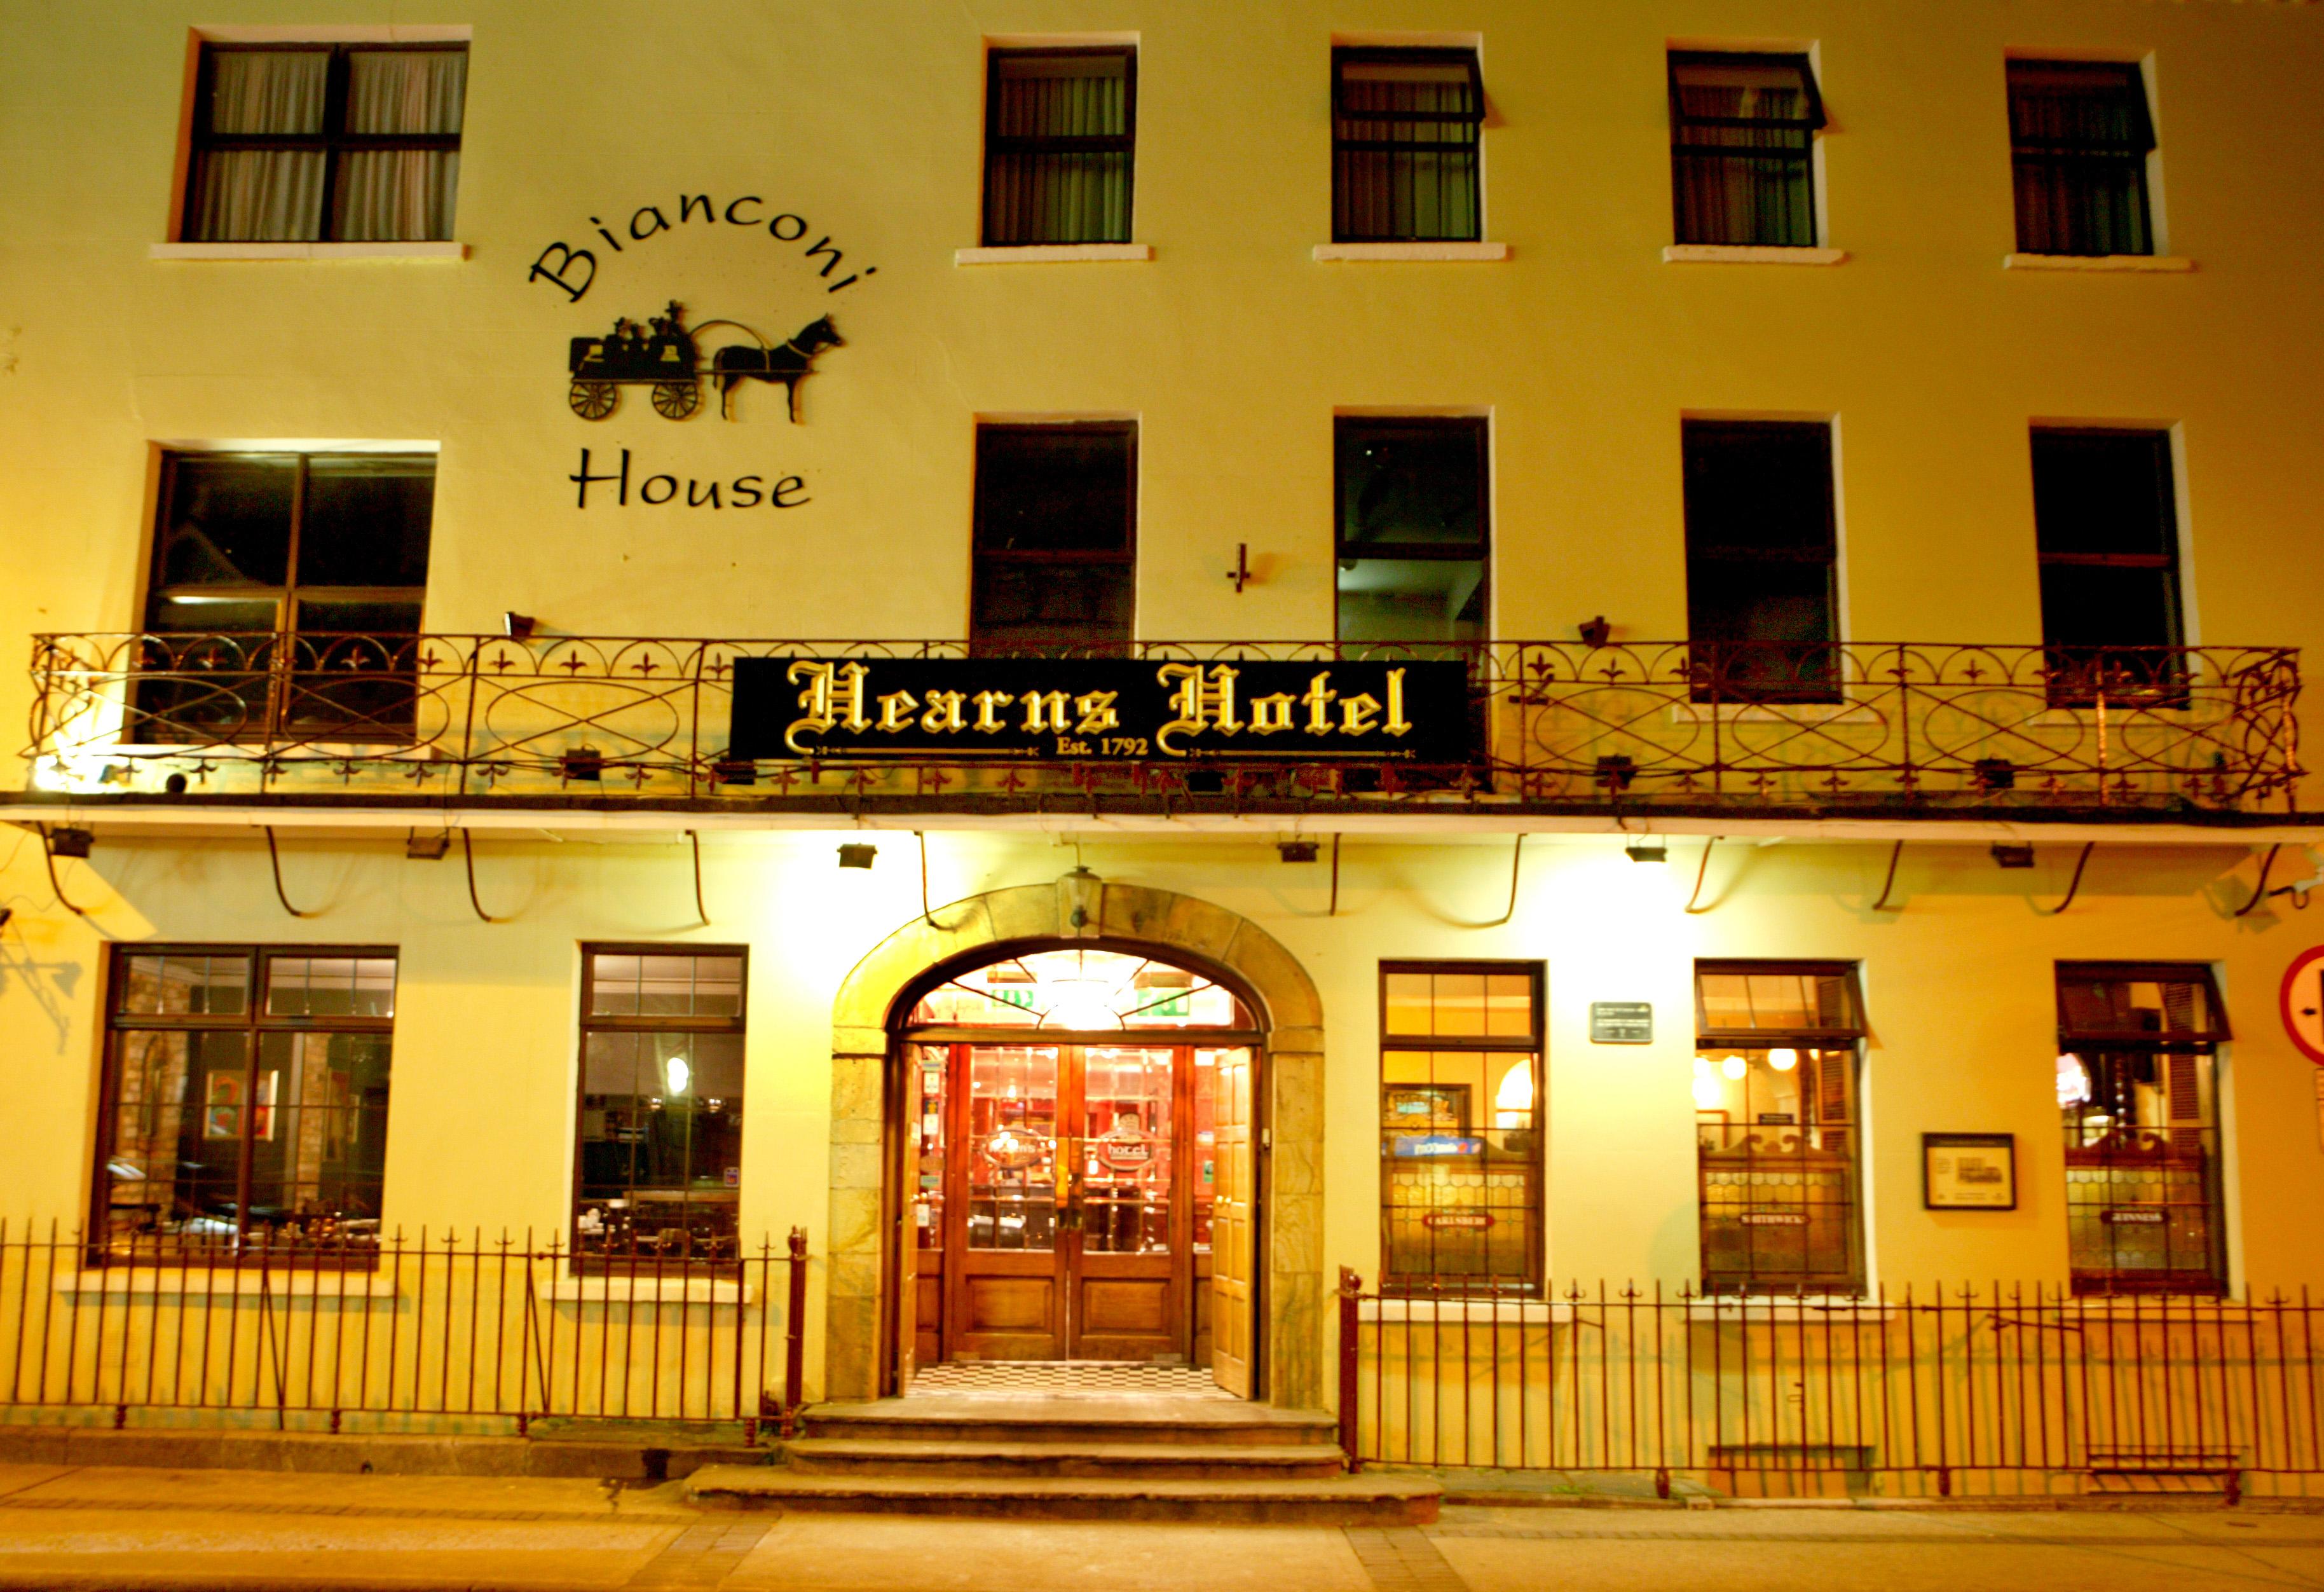 Hearn's Hotel